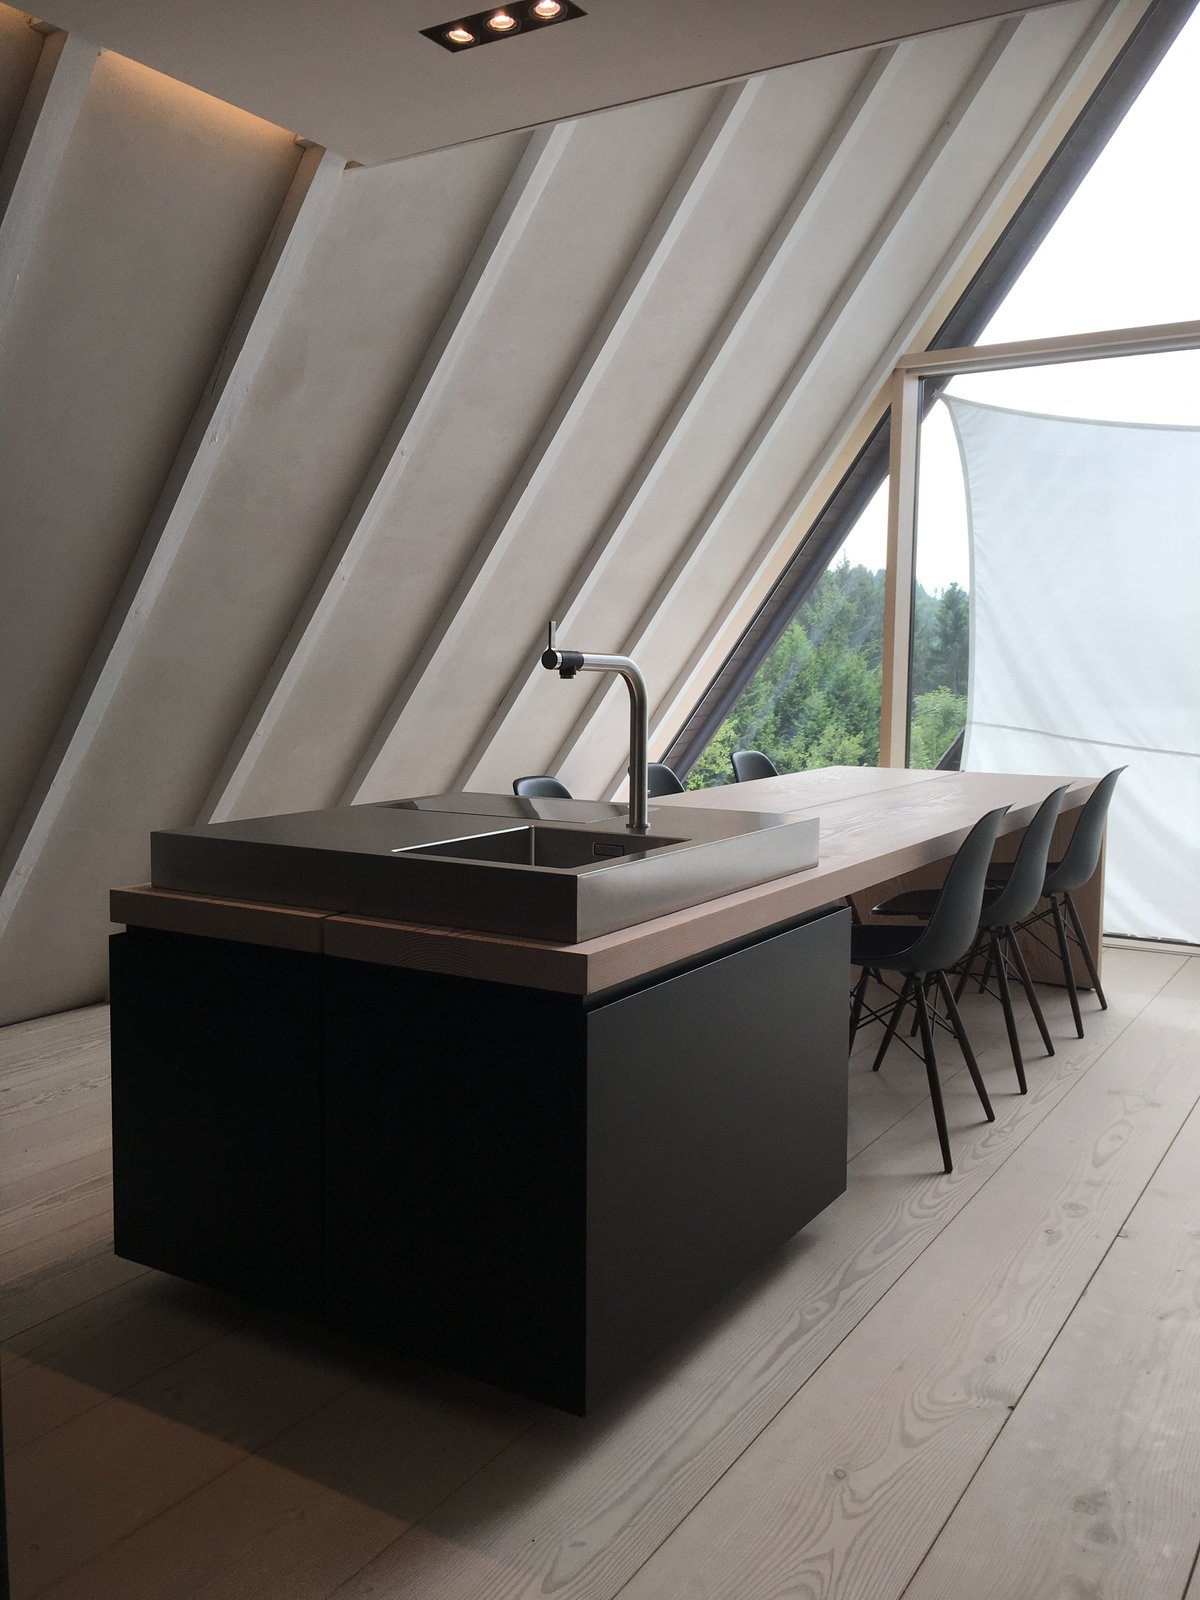 solarferienhaus s3 dining area